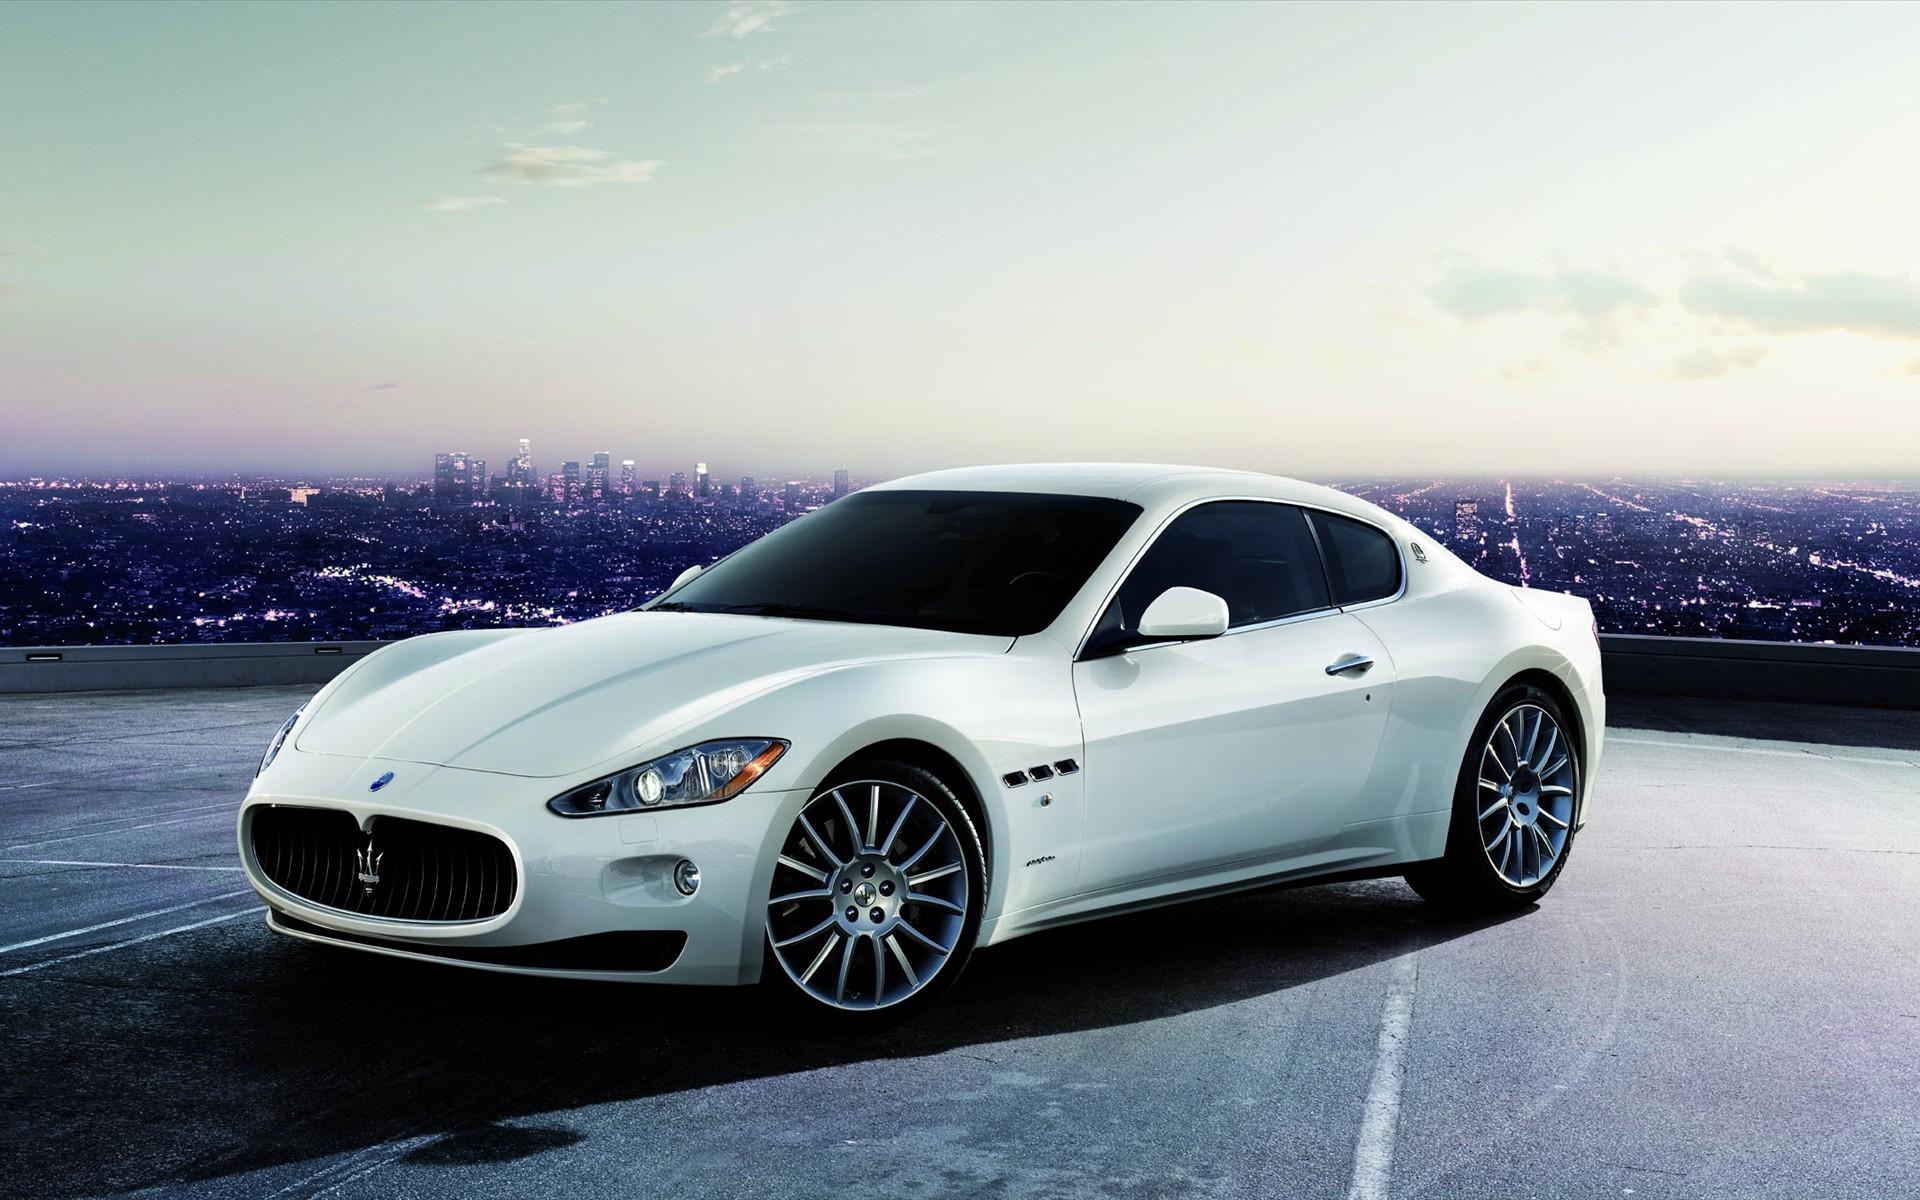 26138 скачать обои Транспорт, Машины, Мазератти (Maserati) - заставки и картинки бесплатно